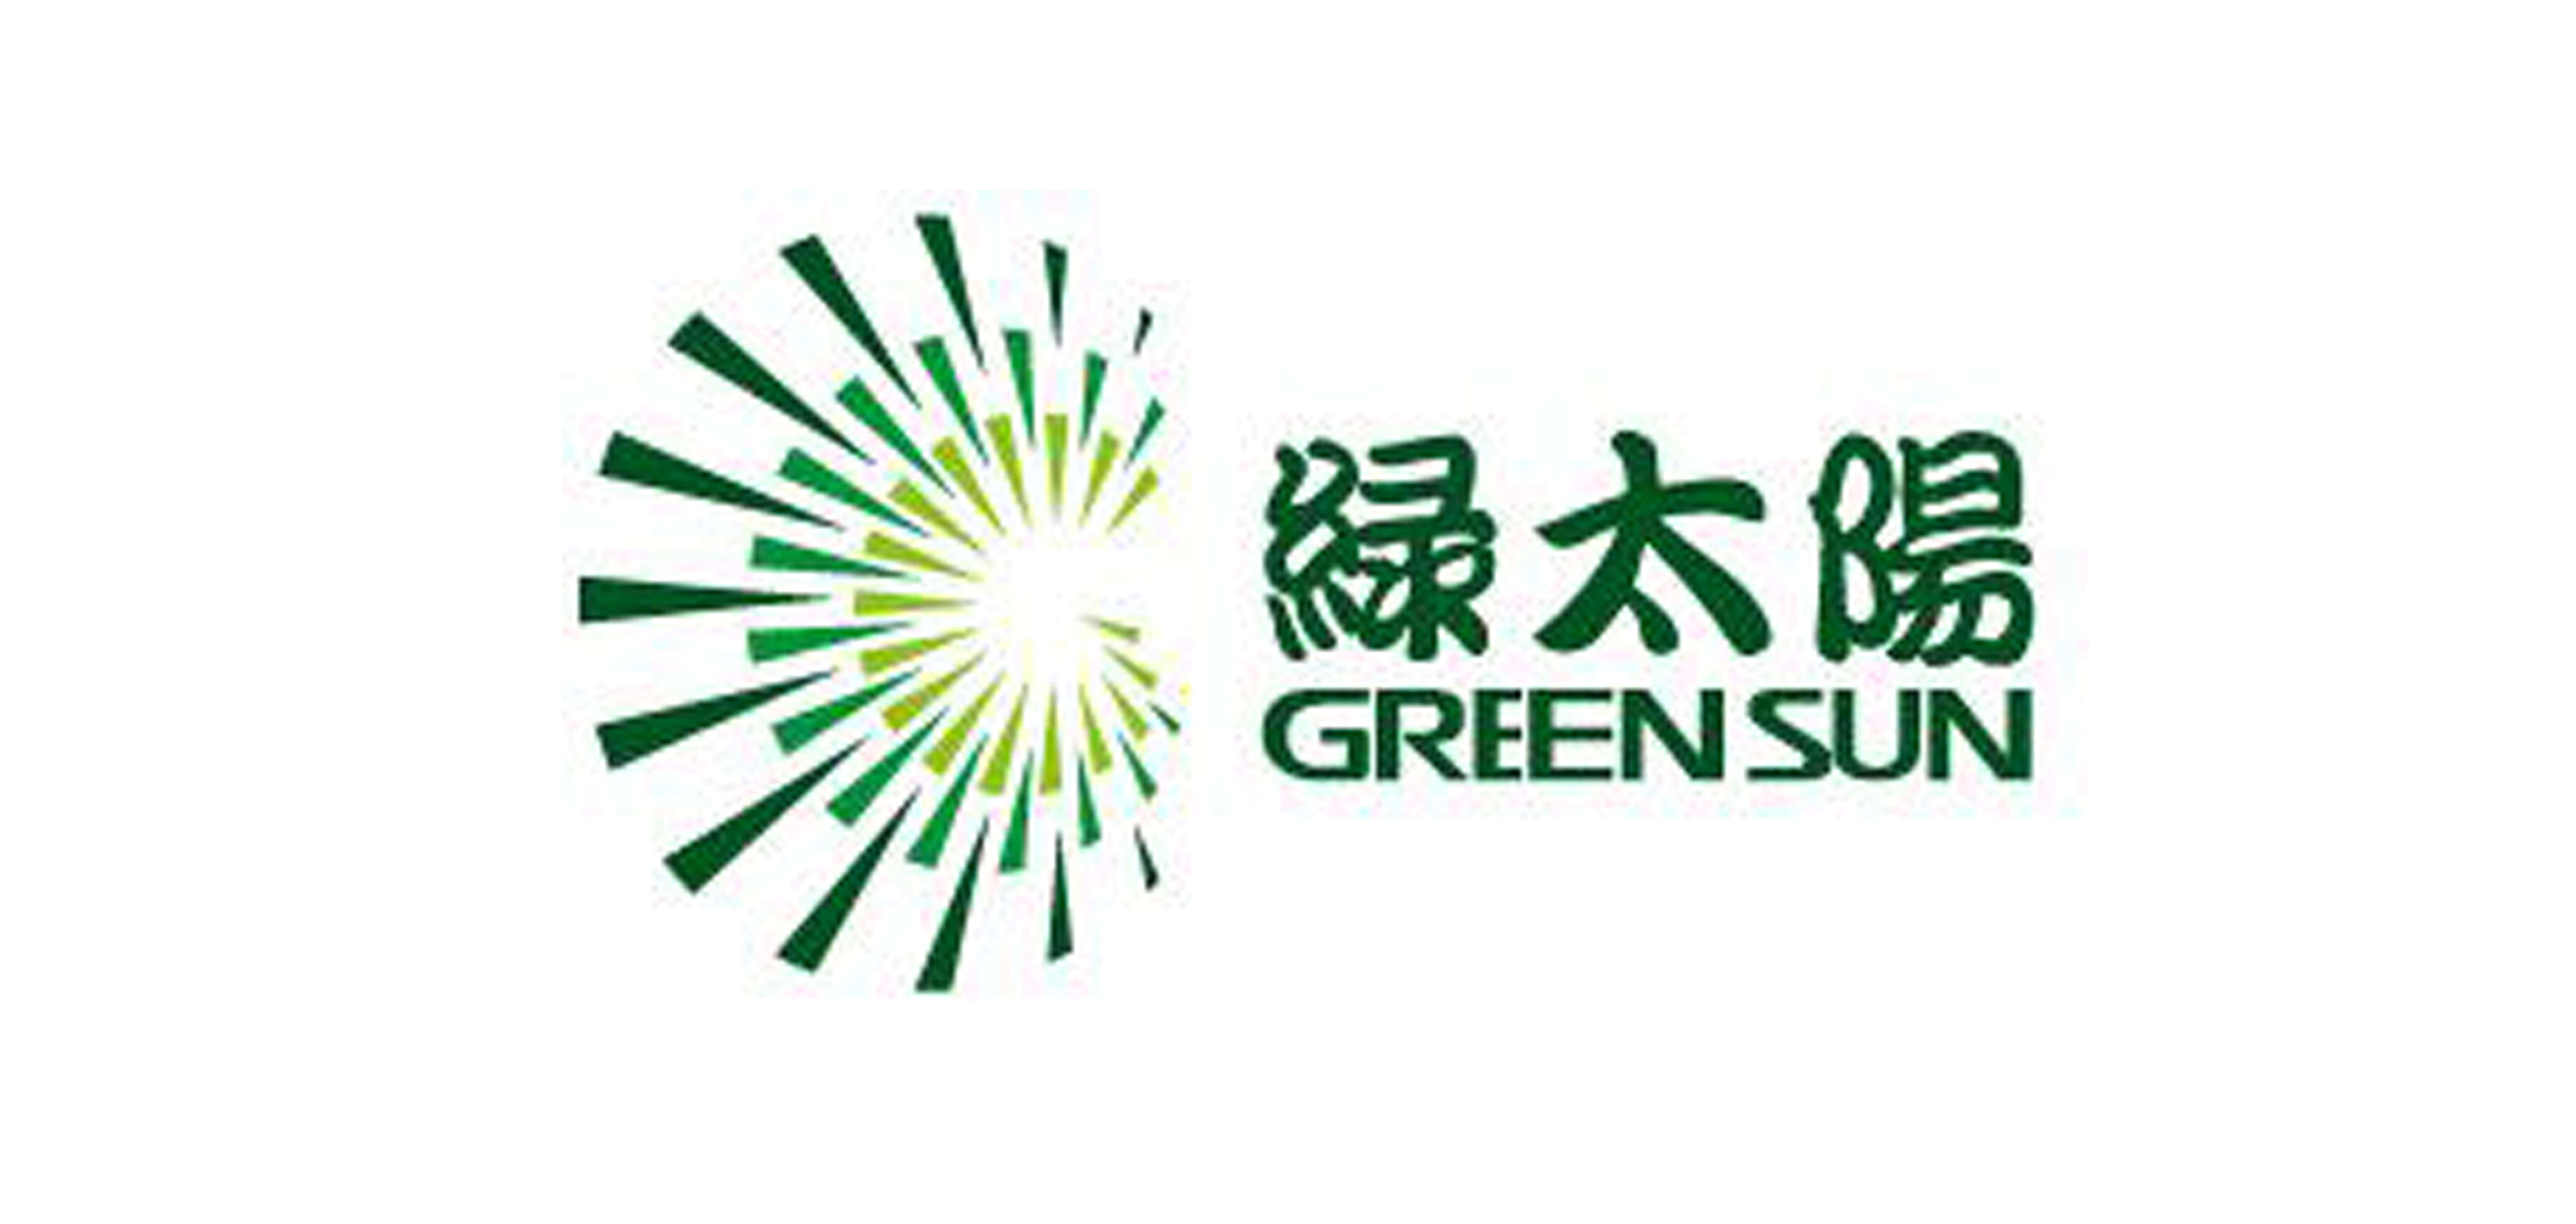 GREENSUN是什么牌子_绿太阳品牌怎么样?